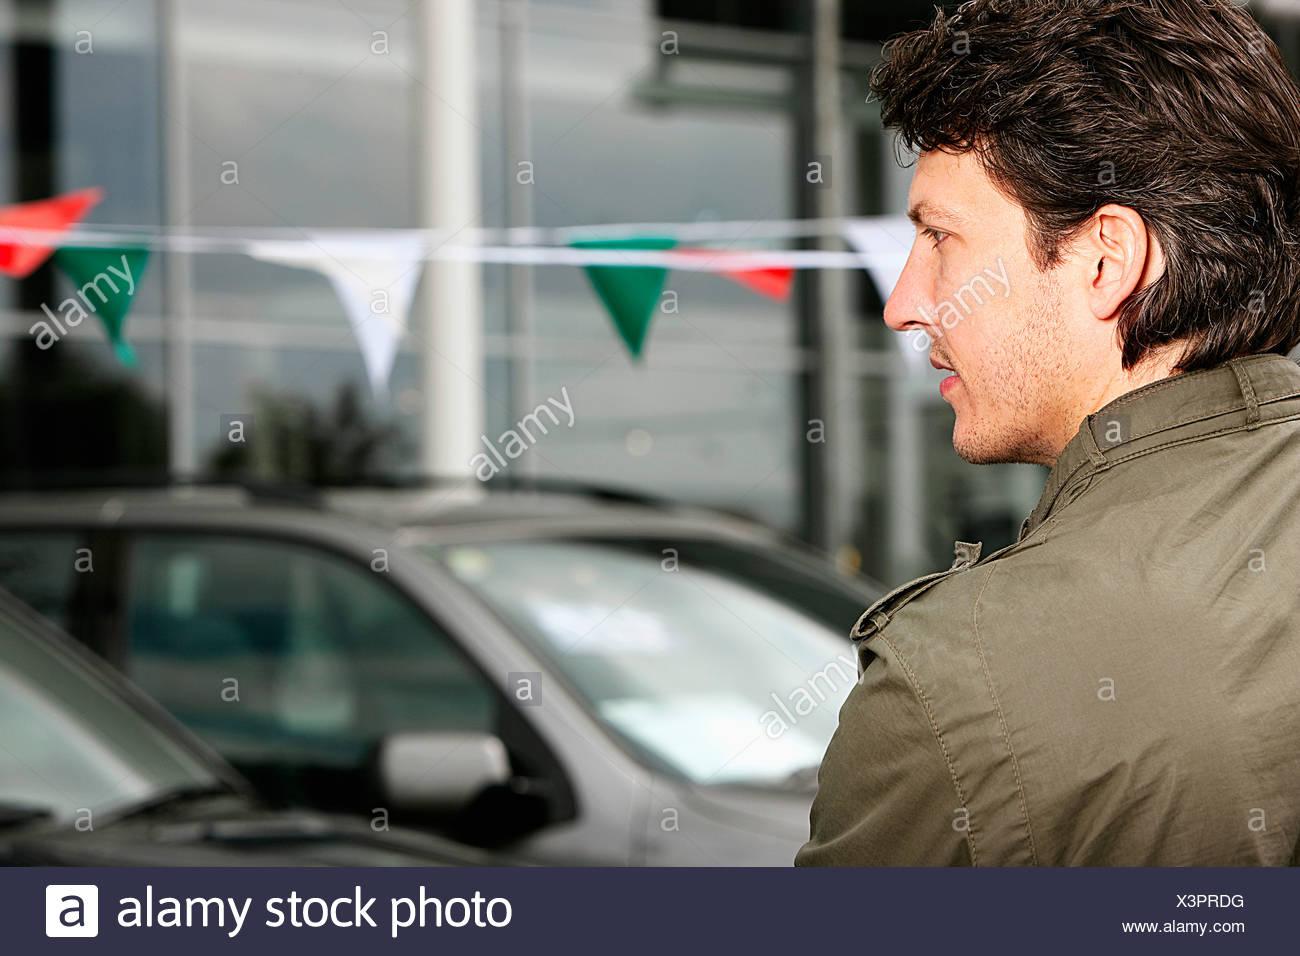 Seitenansicht des Mannes betrachtet man Autos bei Autohändler Stockbild